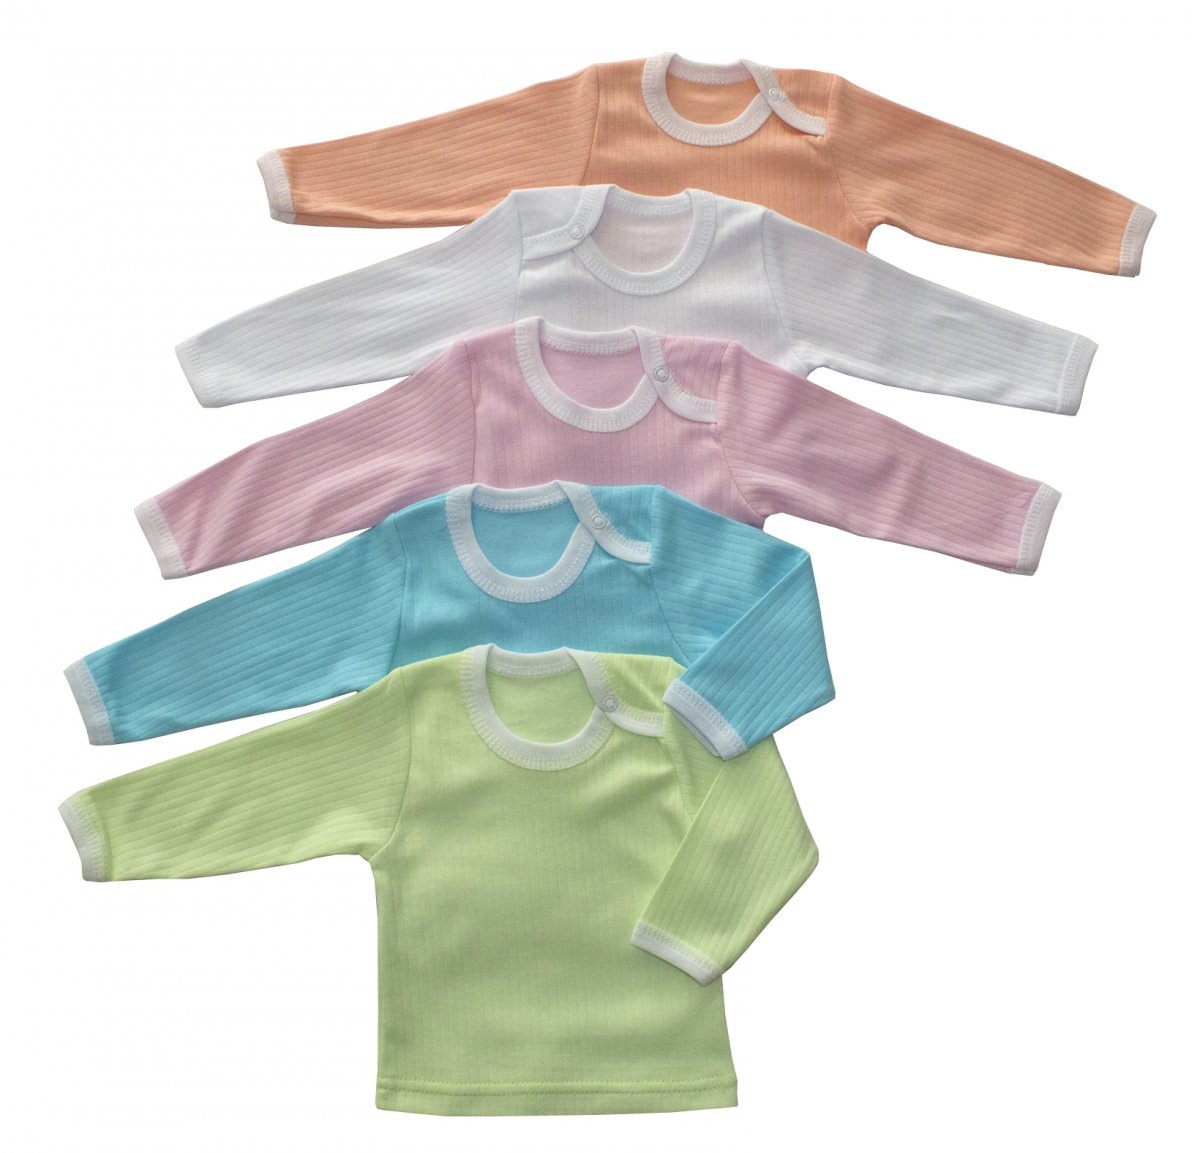 Фуфайка (футболка) детская Полосатик с длинным рукавомМайки и футболки<br><br><br>Размер: Рост 80 (размер 26)